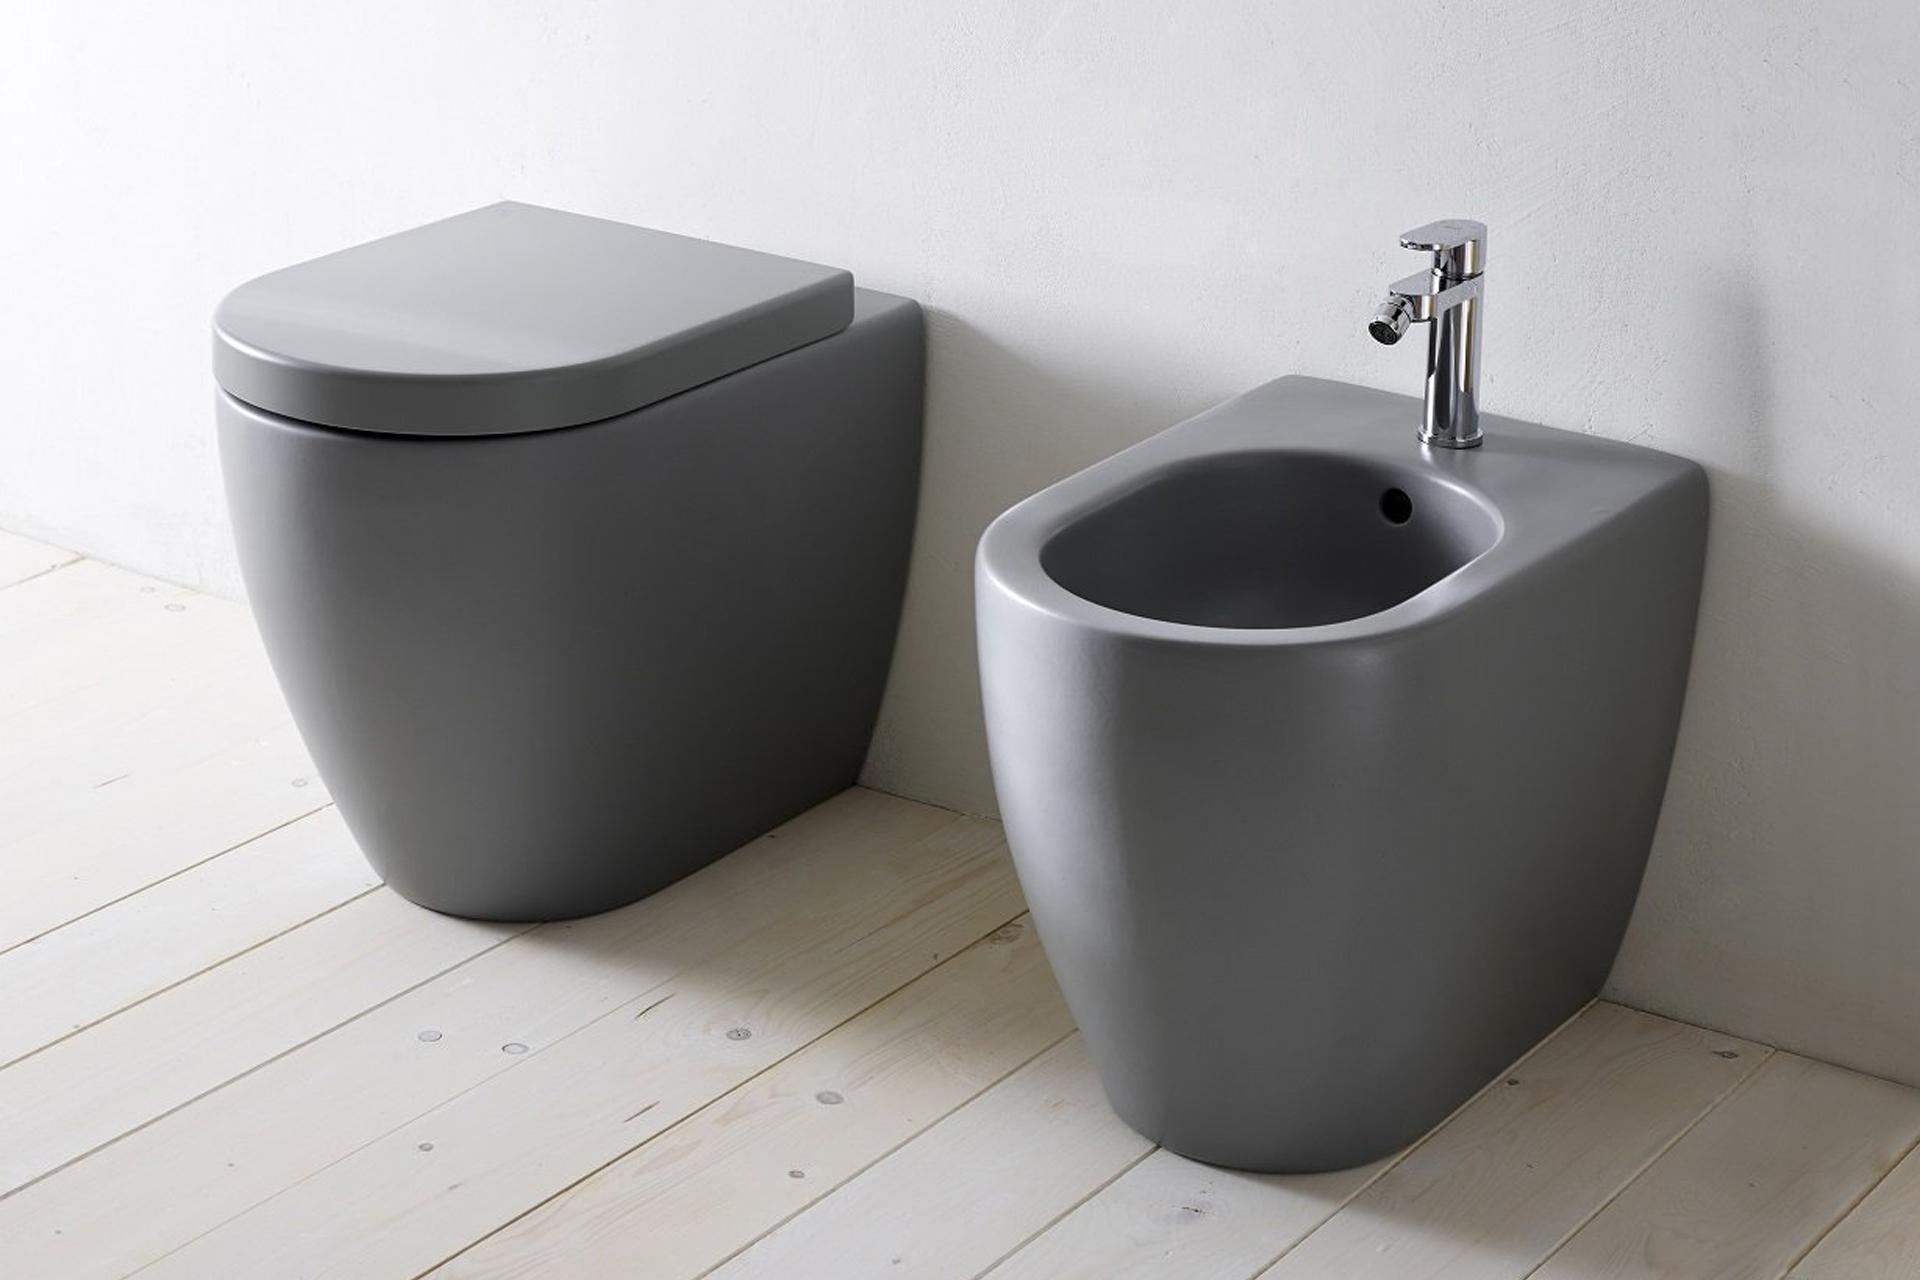 Sanitari d 39 ambra showroom - Cosmic accessori bagno ...